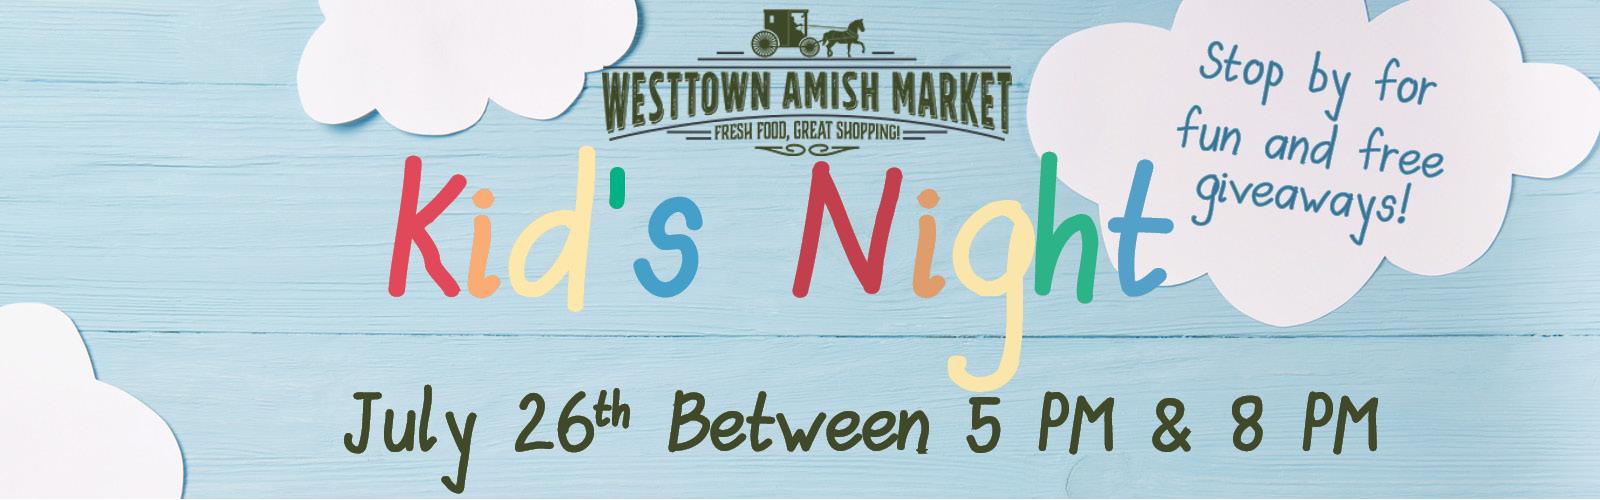 westtown amish market kid's night